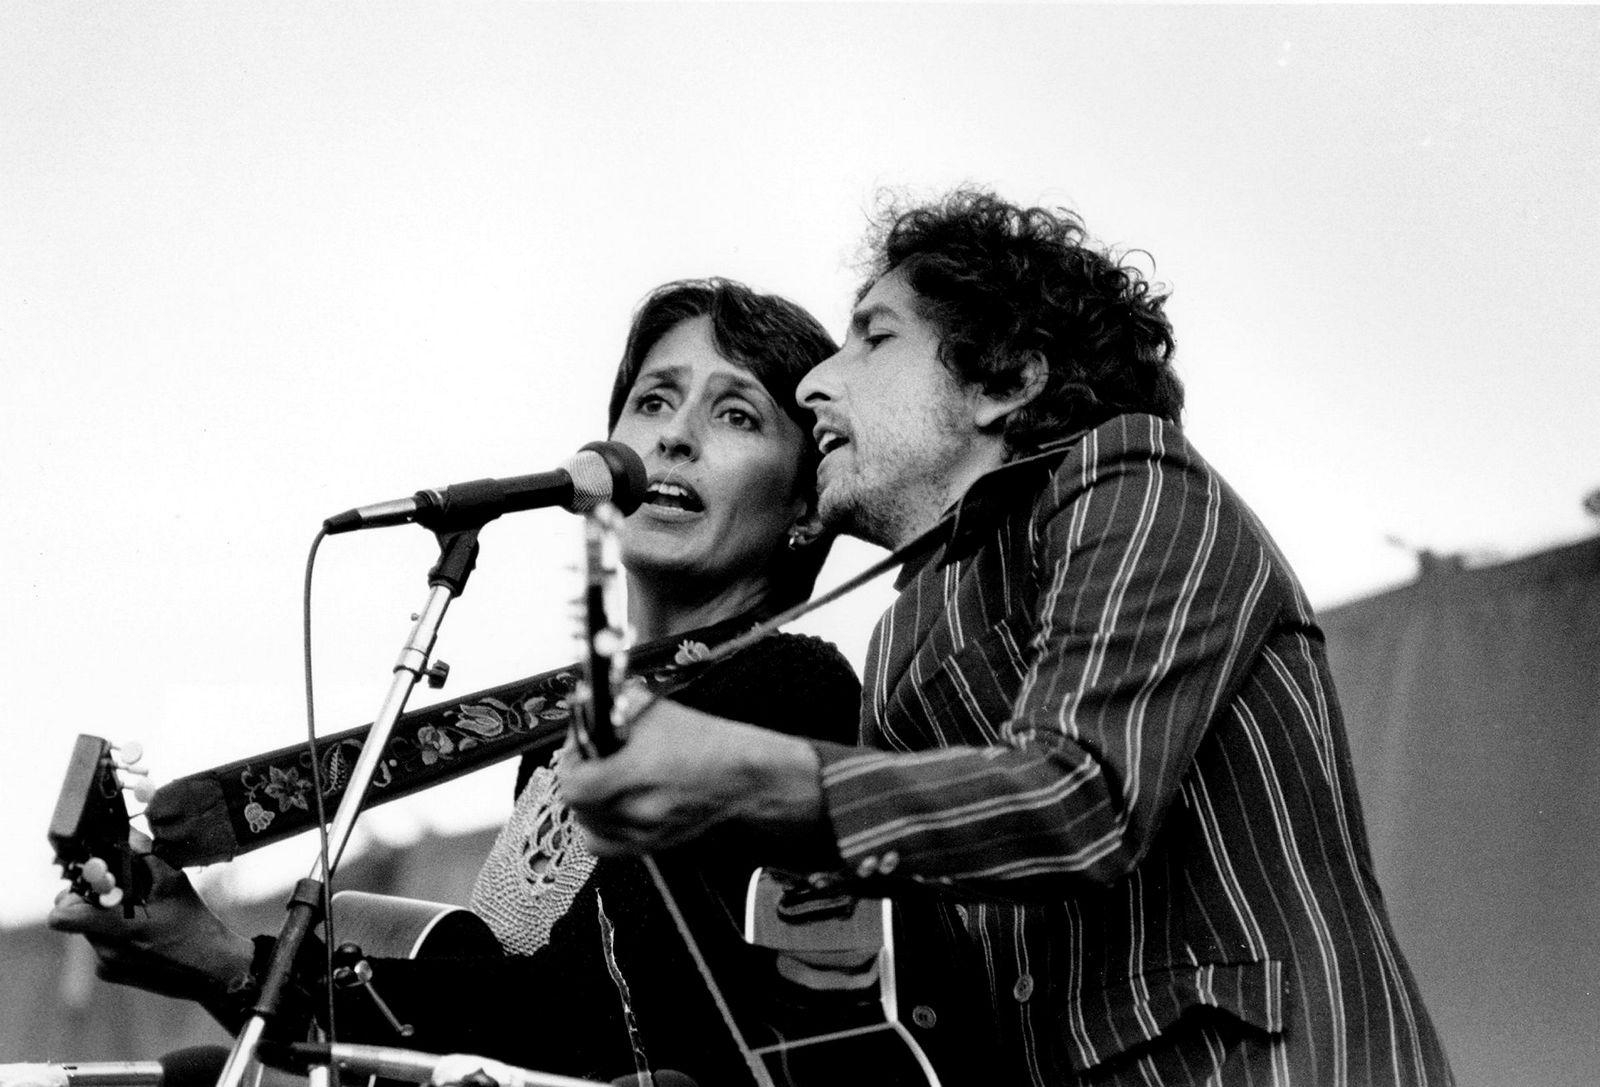 Den politiske musikkens tungvektere, Joan Baez og Bob Dylan opptrer sammen foran 80.000 tilskuere på et atomnedrustningsmøte på Rose Bowl i Pasadena, Calfornia i 1982. Baez og Dylan er helt sentrale på denne topplisten. Baez er den som er mest knyttet til vinneren «We Shall Overcome» og Dylan har intet mindre enn tre sanger blant de tolv første på listen.